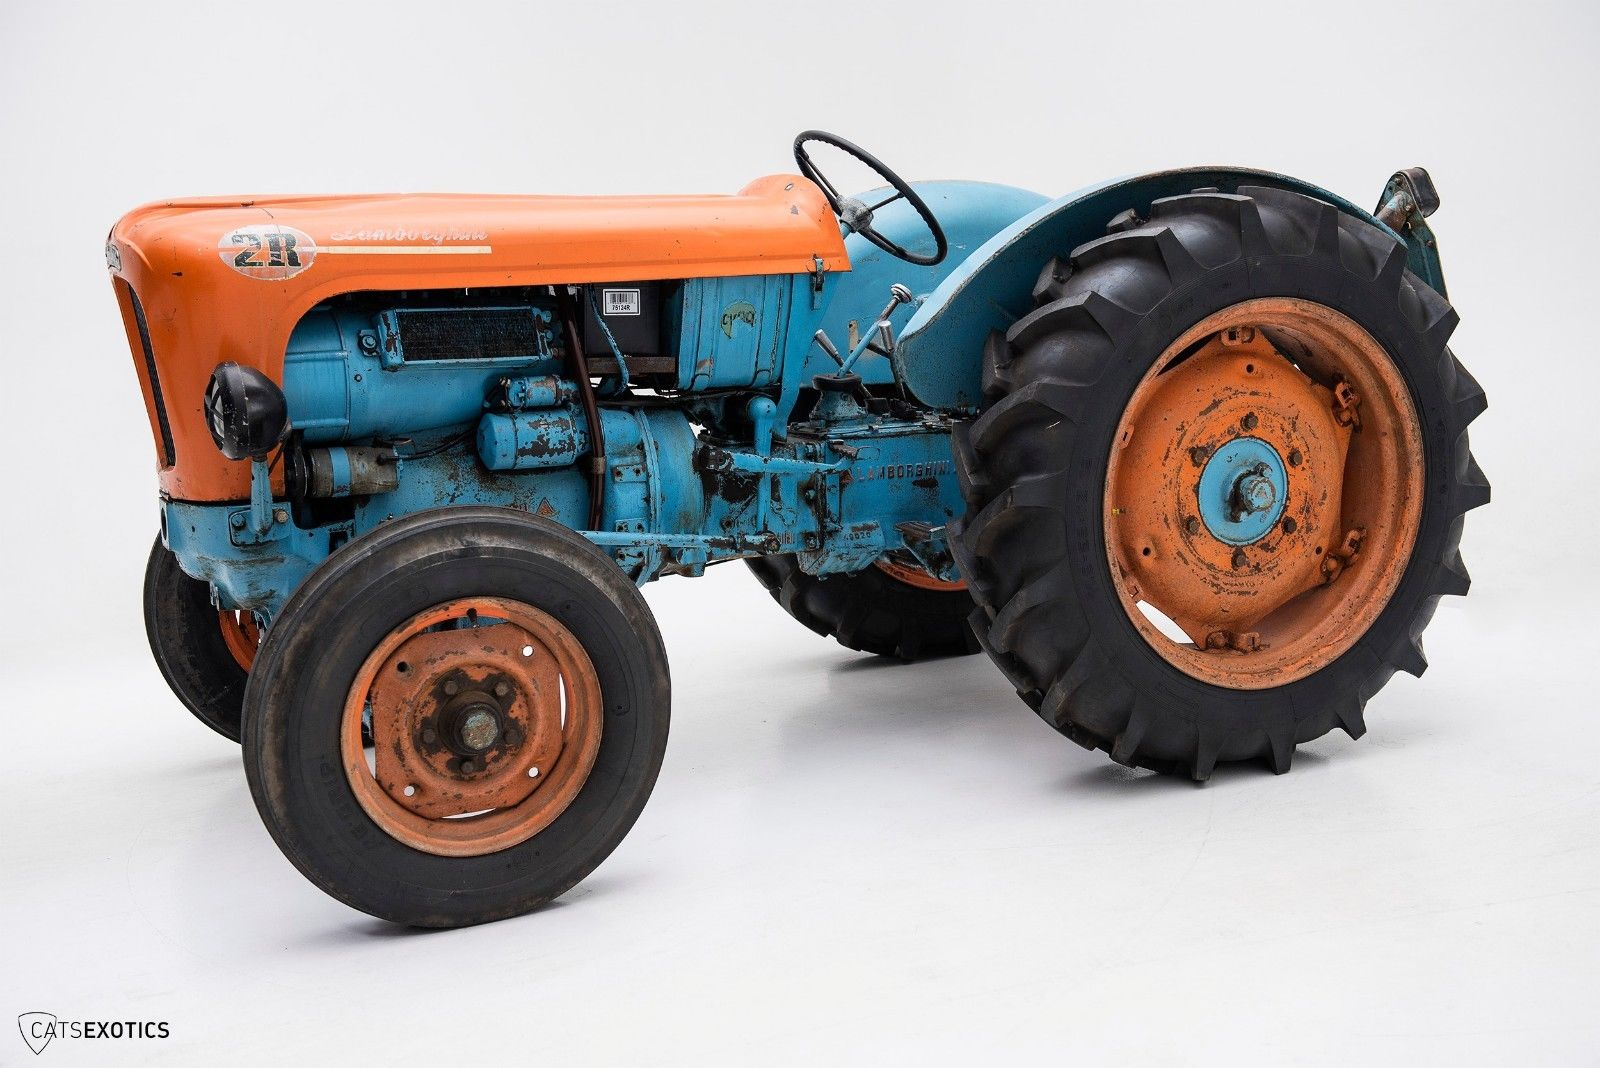 Lamborghini 2R tractor 1964 barnfind for sale (2)